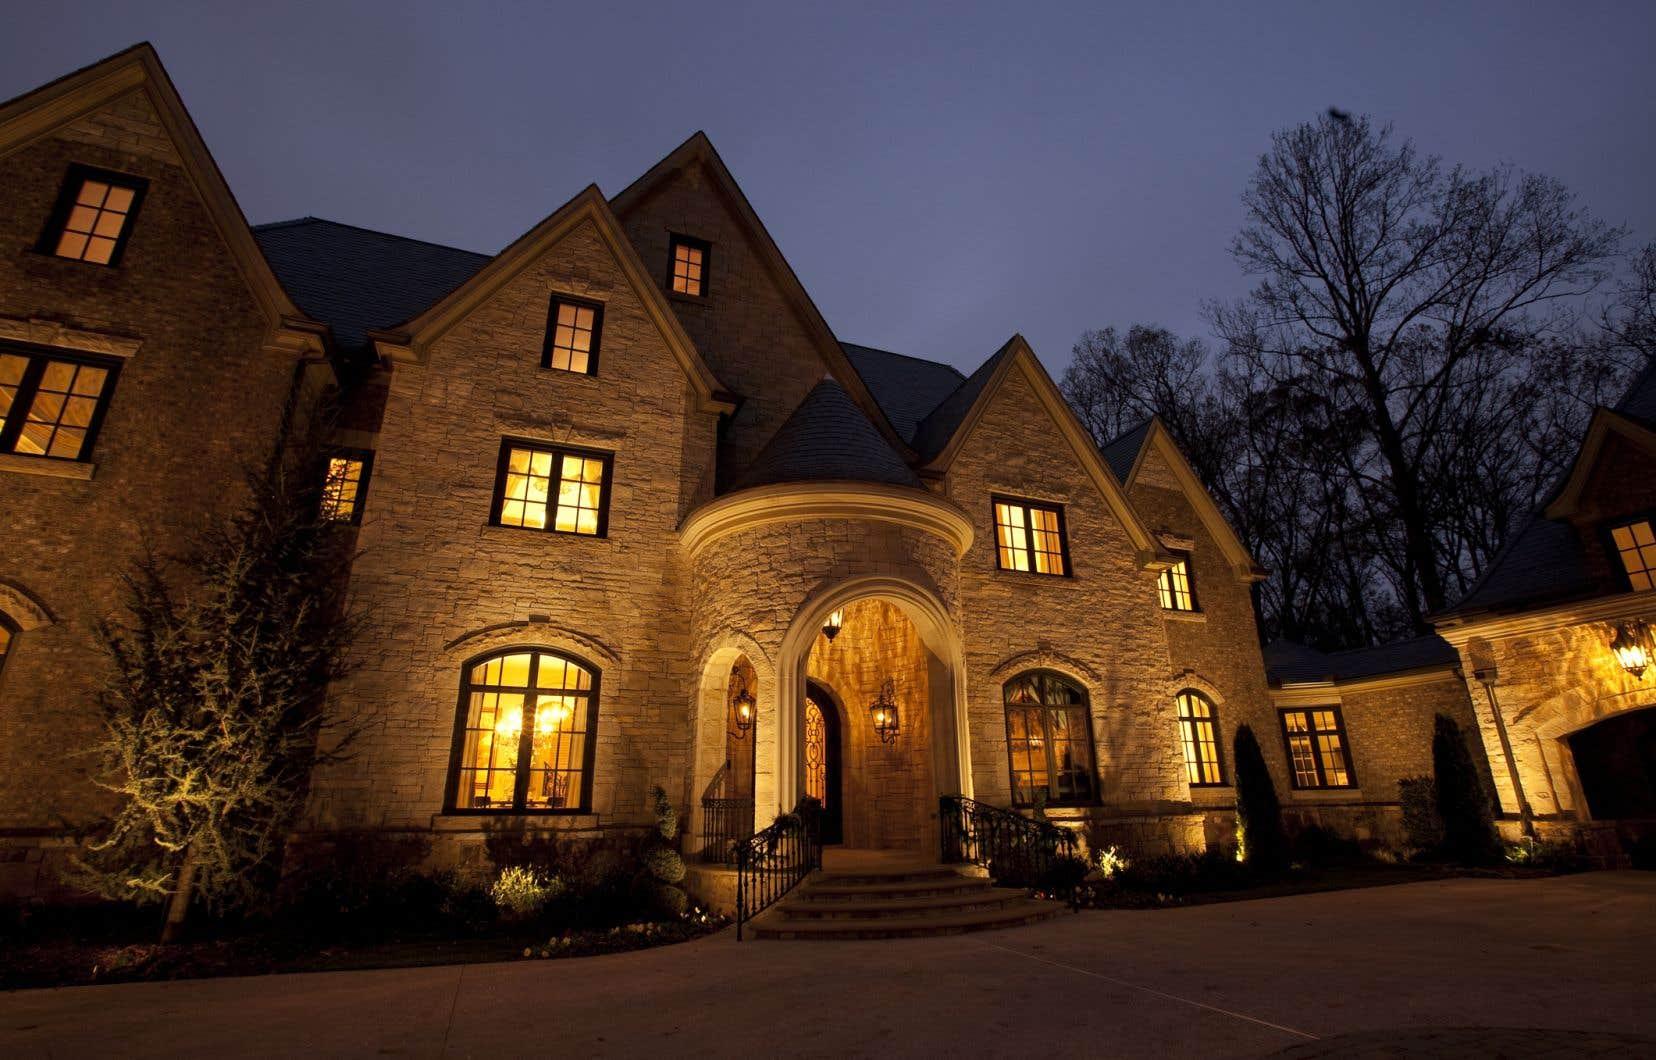 Une maison évaluée à trois millions de dollars détenue par une personne ayant déclaré des revenus annuels de 50000$ allumera un voyant rouge, explique-t-on en coulisses.